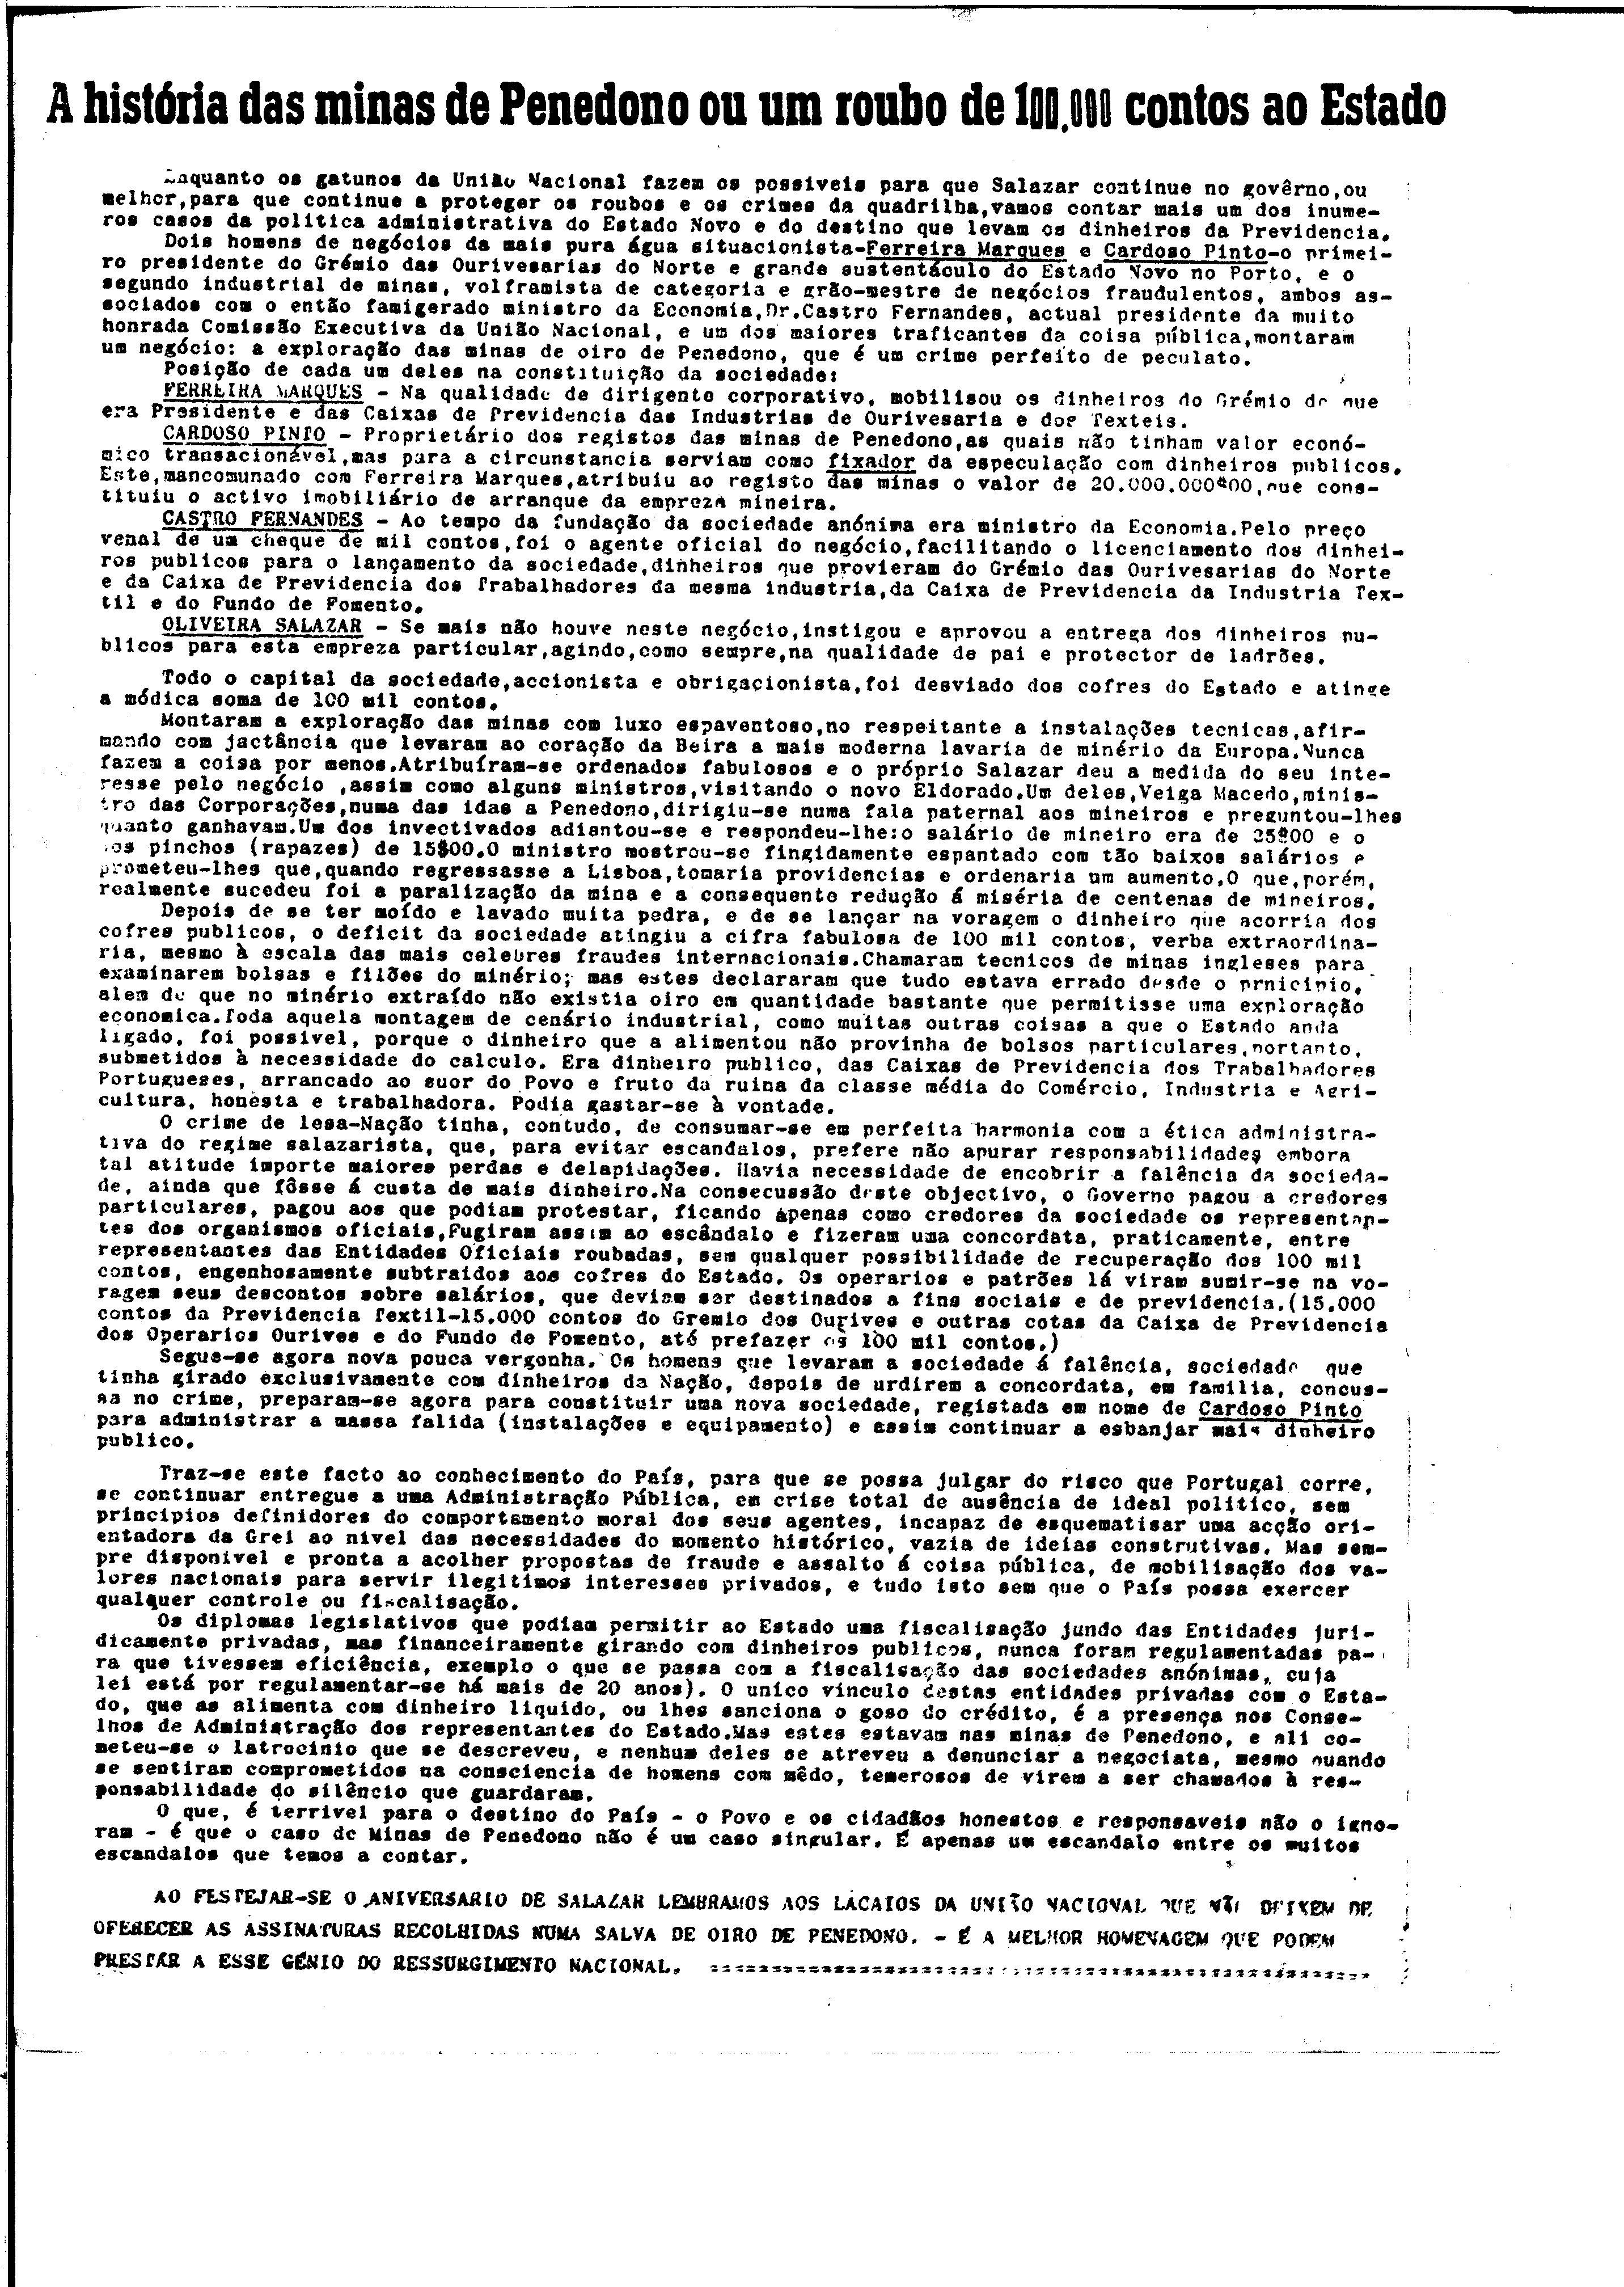 02582.006- pag.1